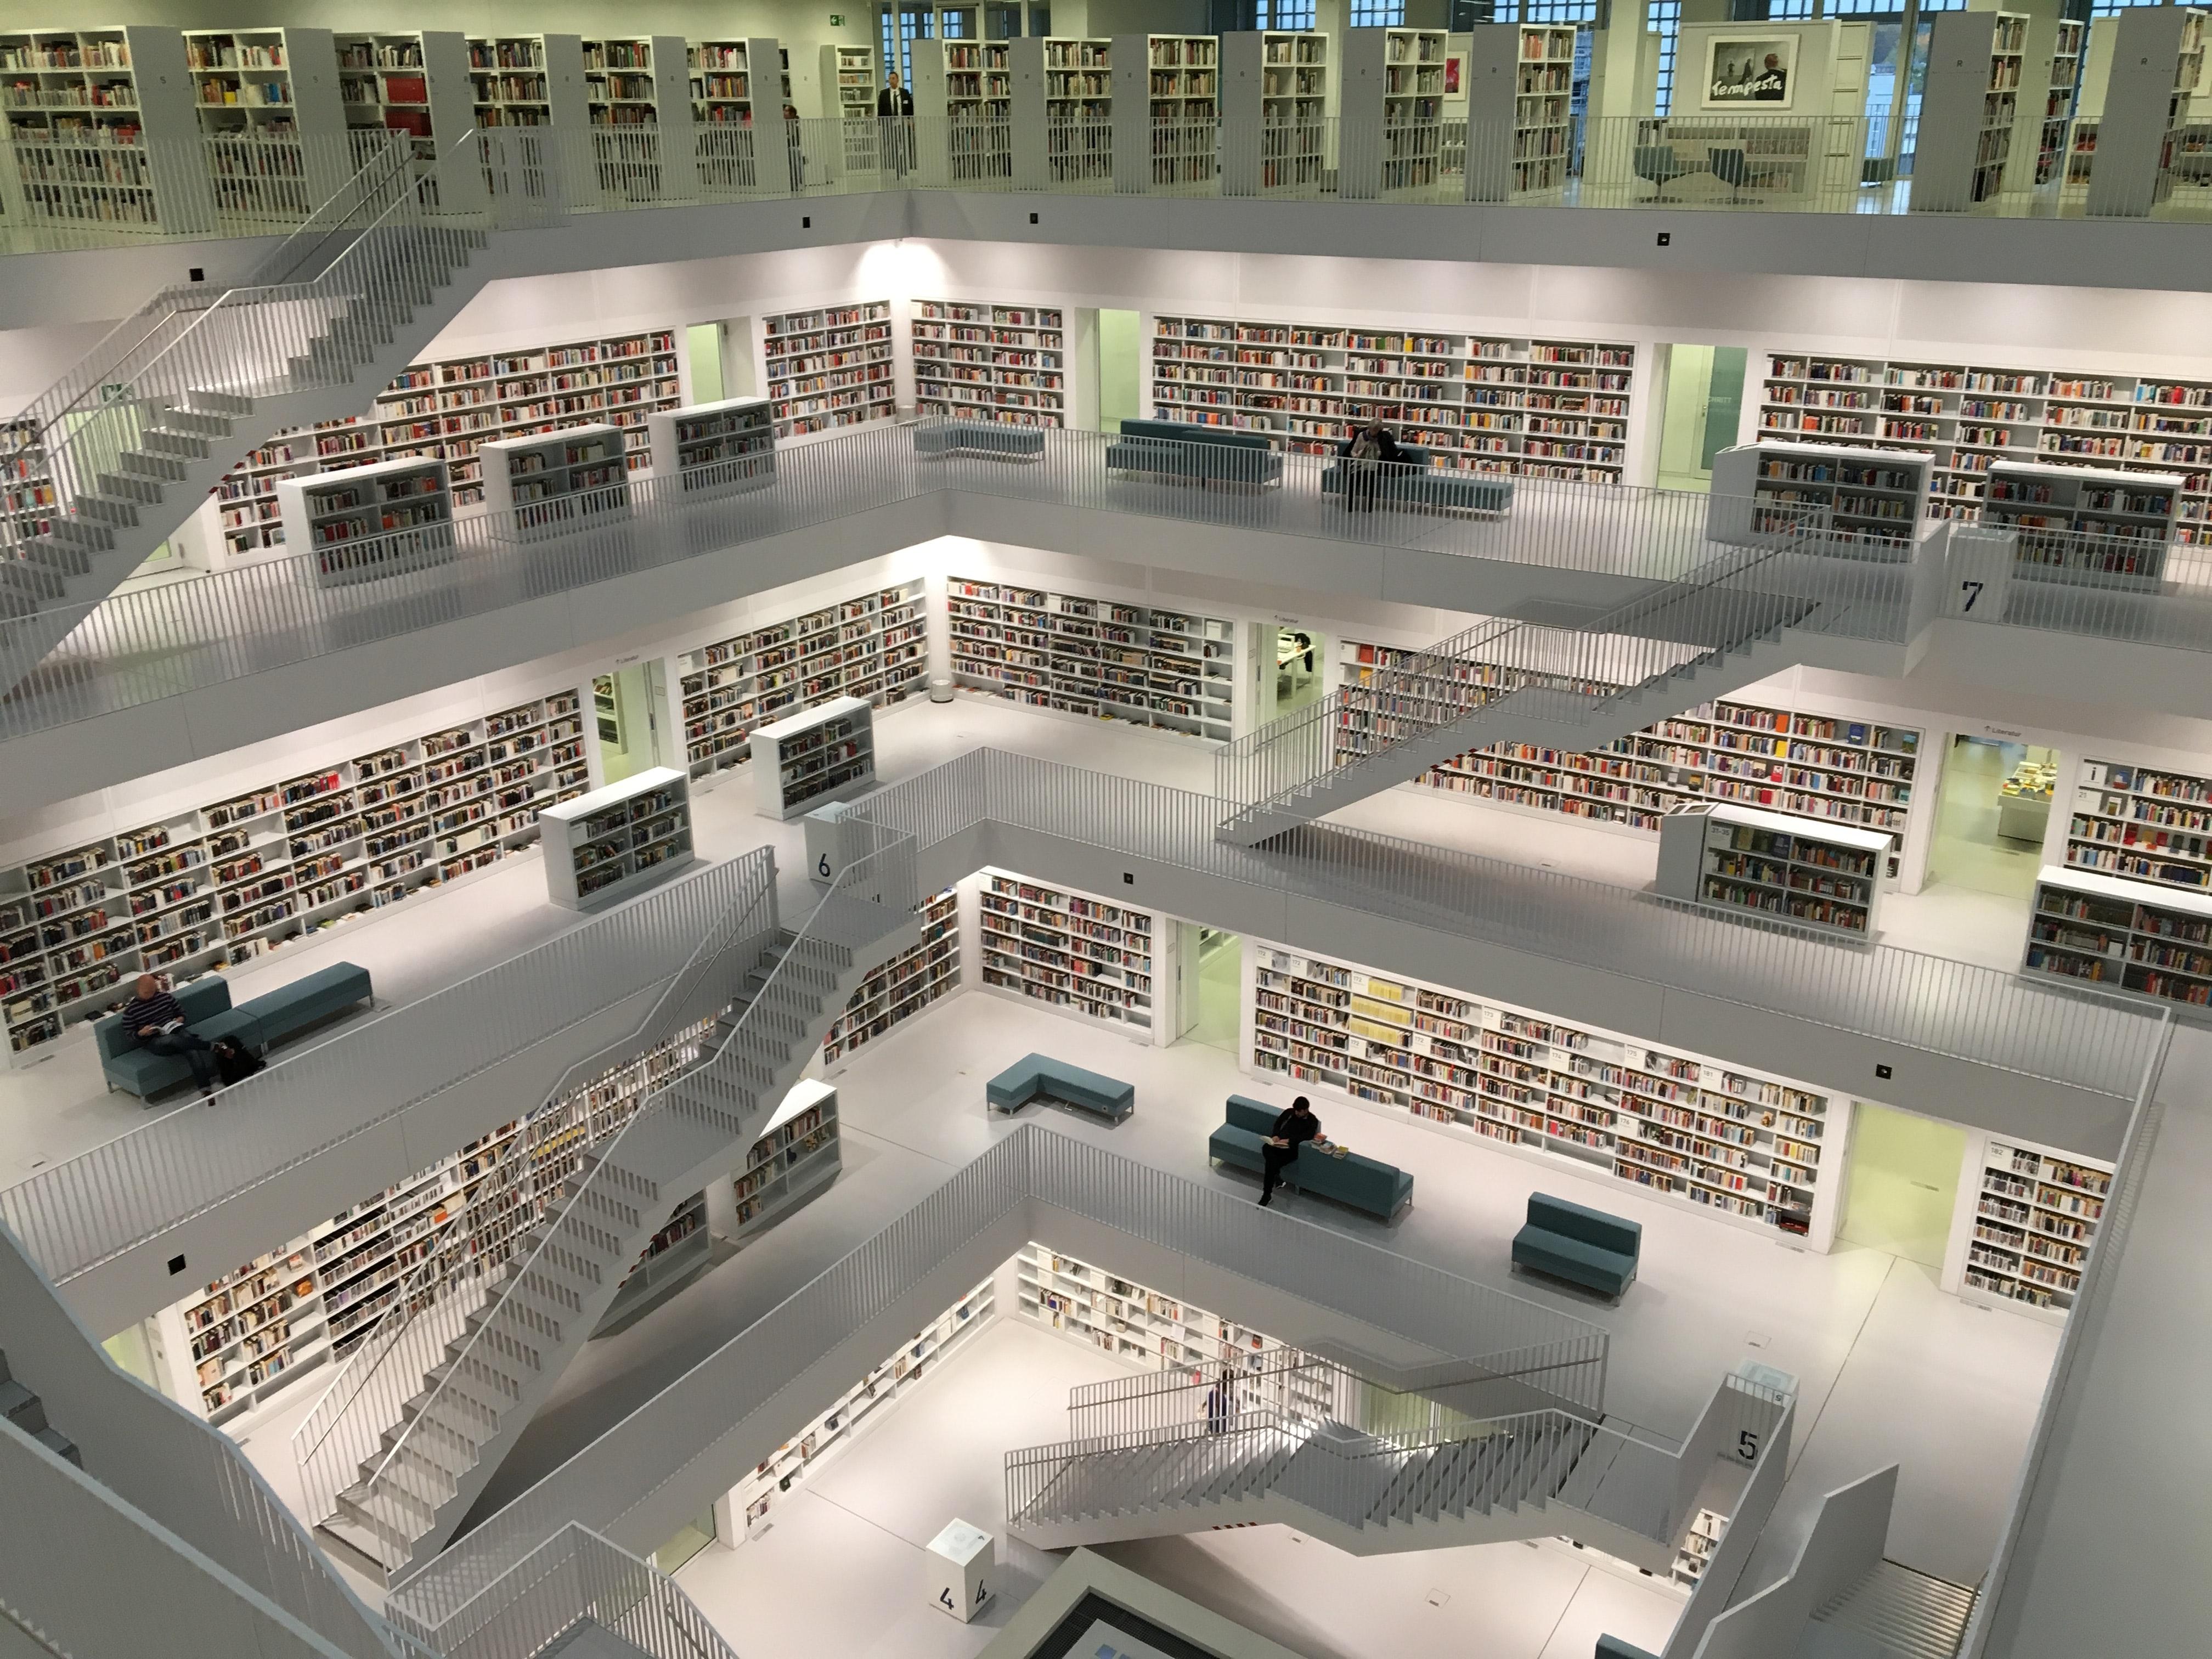 Library, Interior Design, Room Photo by Tobias Fischer on Unsplash